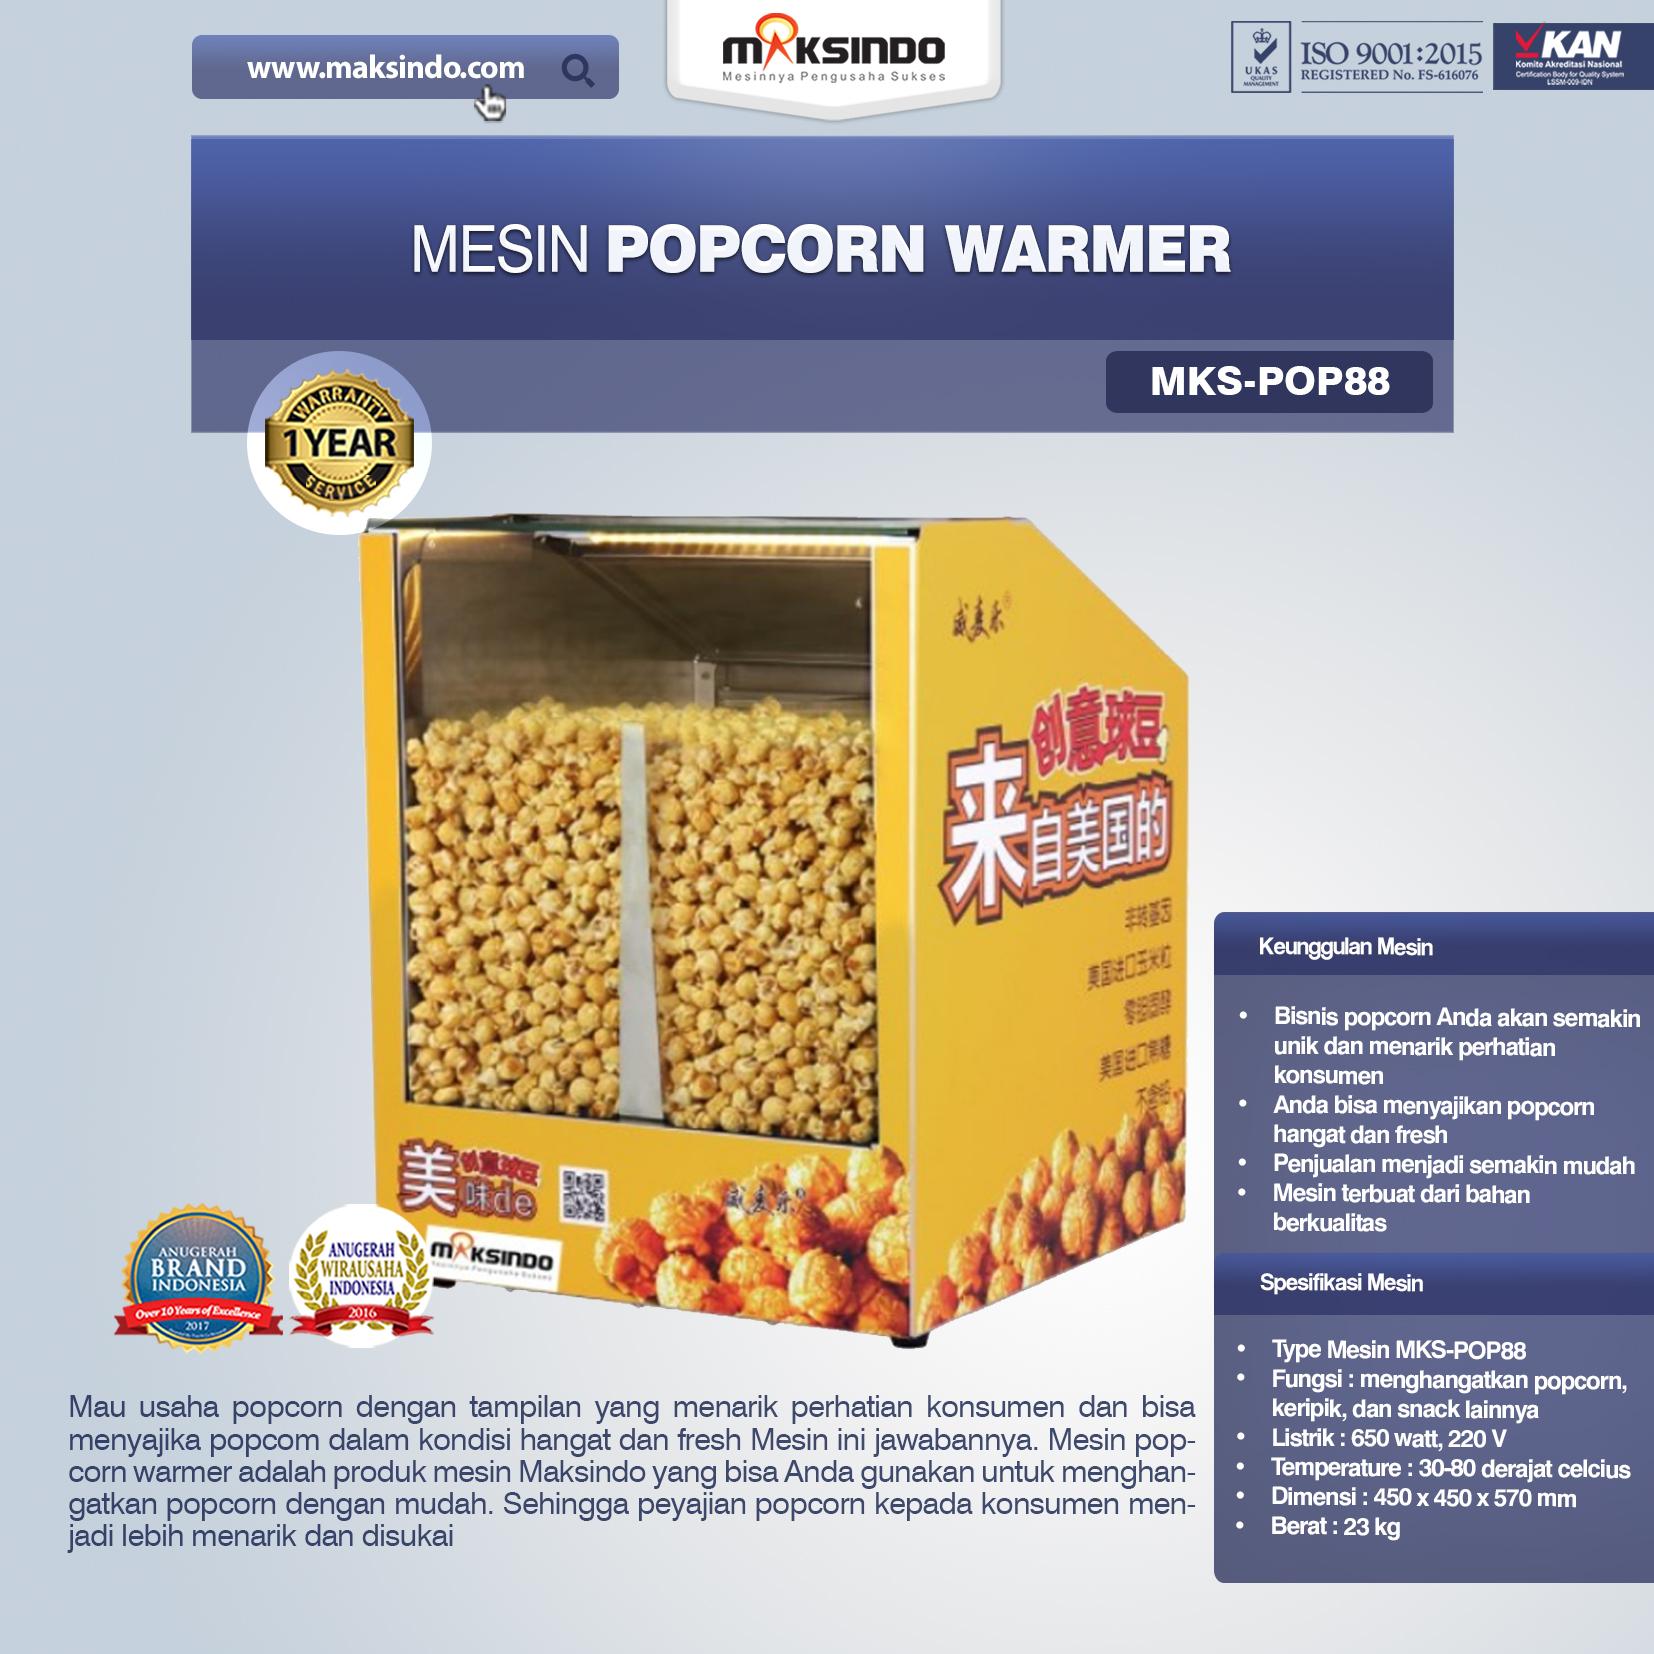 Jual Mesin Popcorn Warmer (POP88) di Bekasi